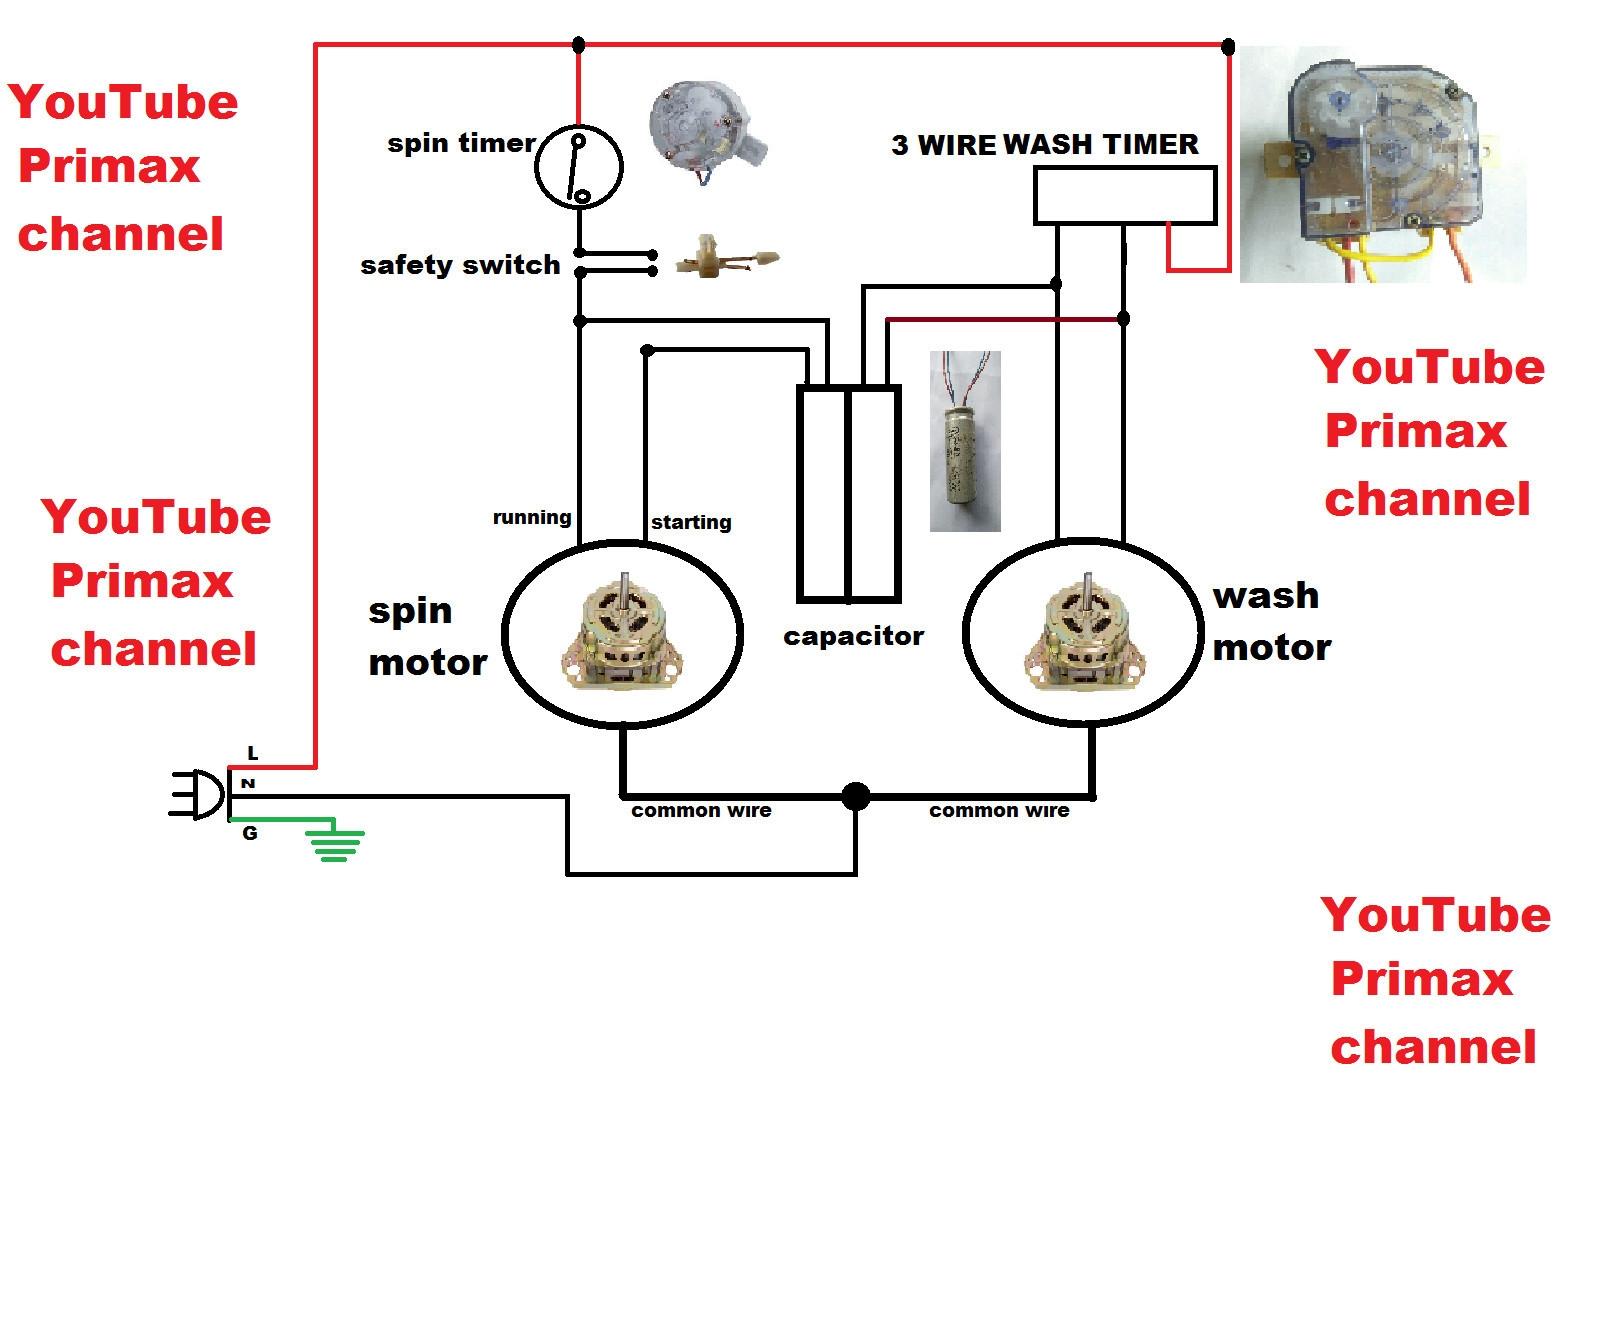 3 wire washing machine motor wiring diagram | free wiring diagram  avtron load bank resistive wiring